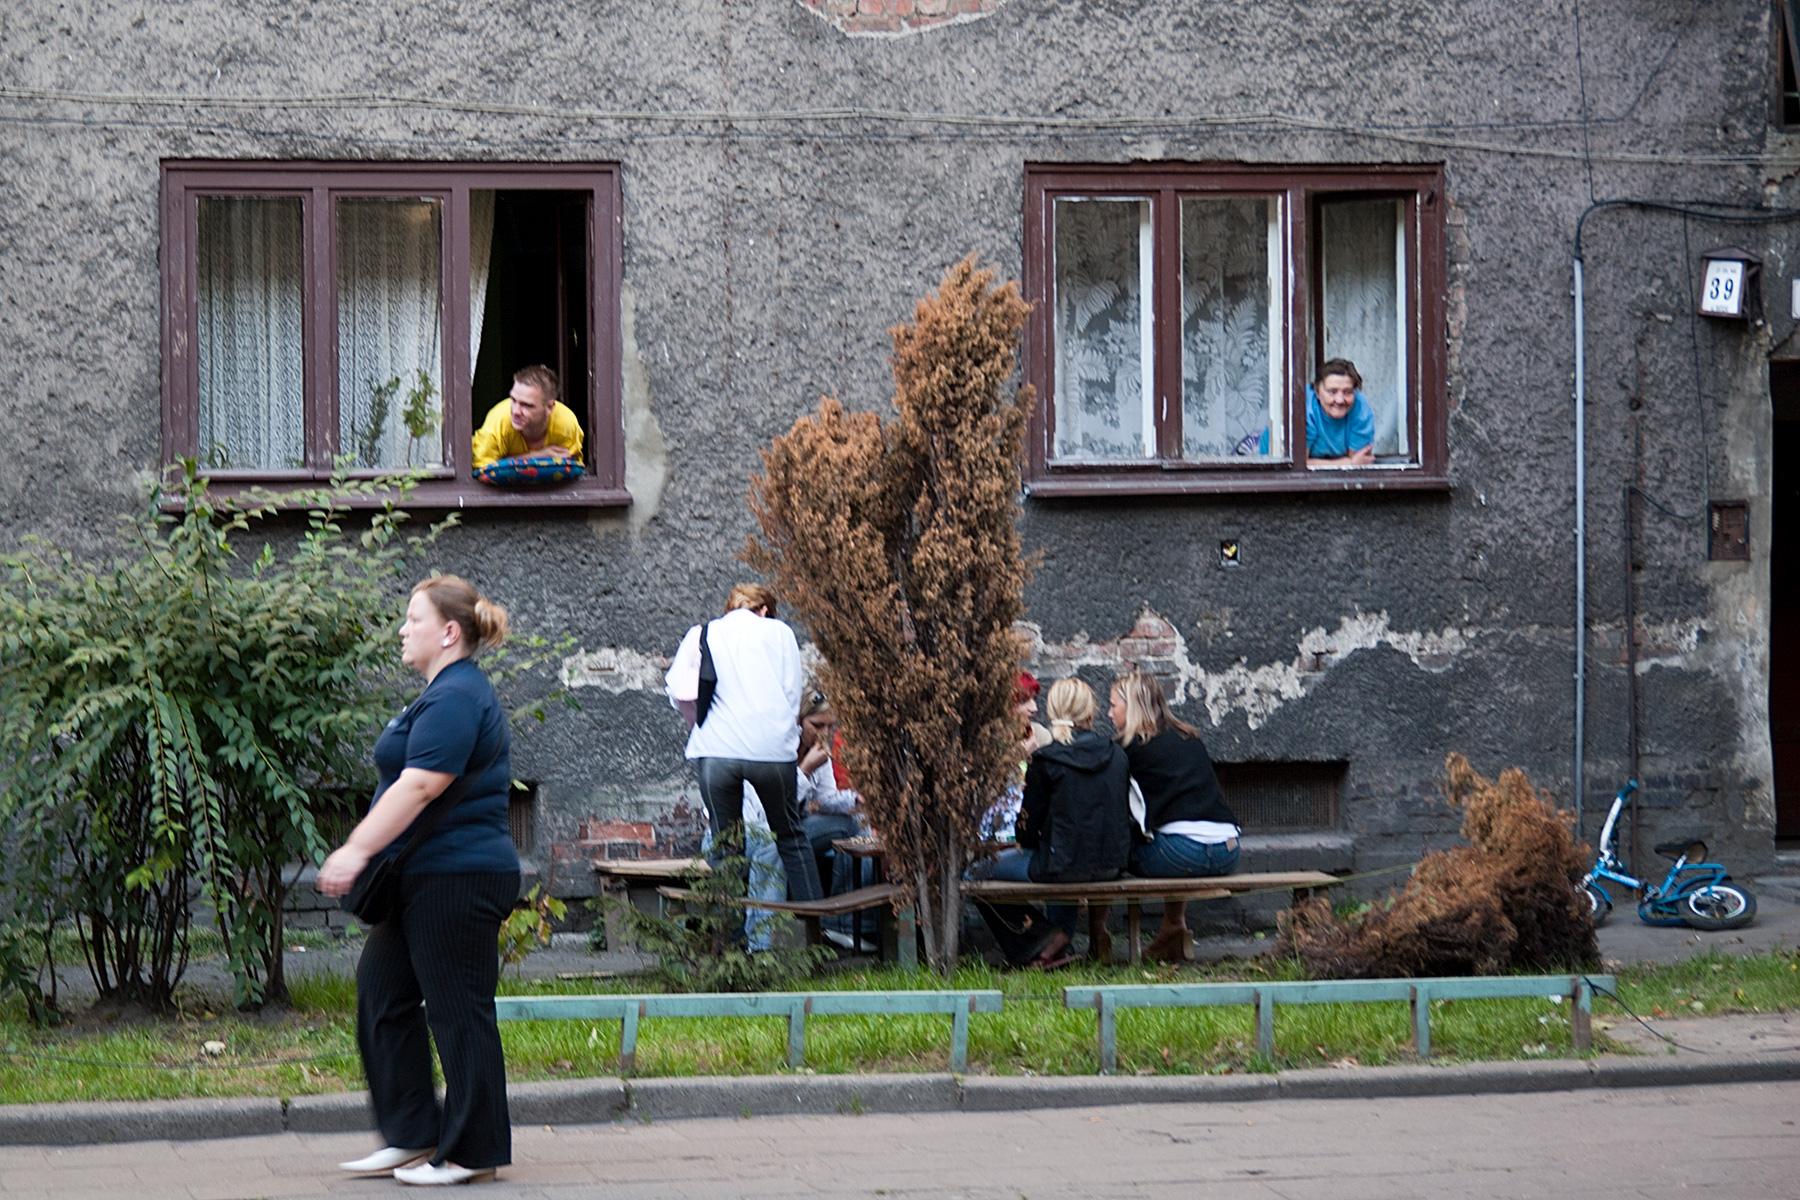 Menschen gucken aus dem Erdgeschossfenster, andere sitzen davor